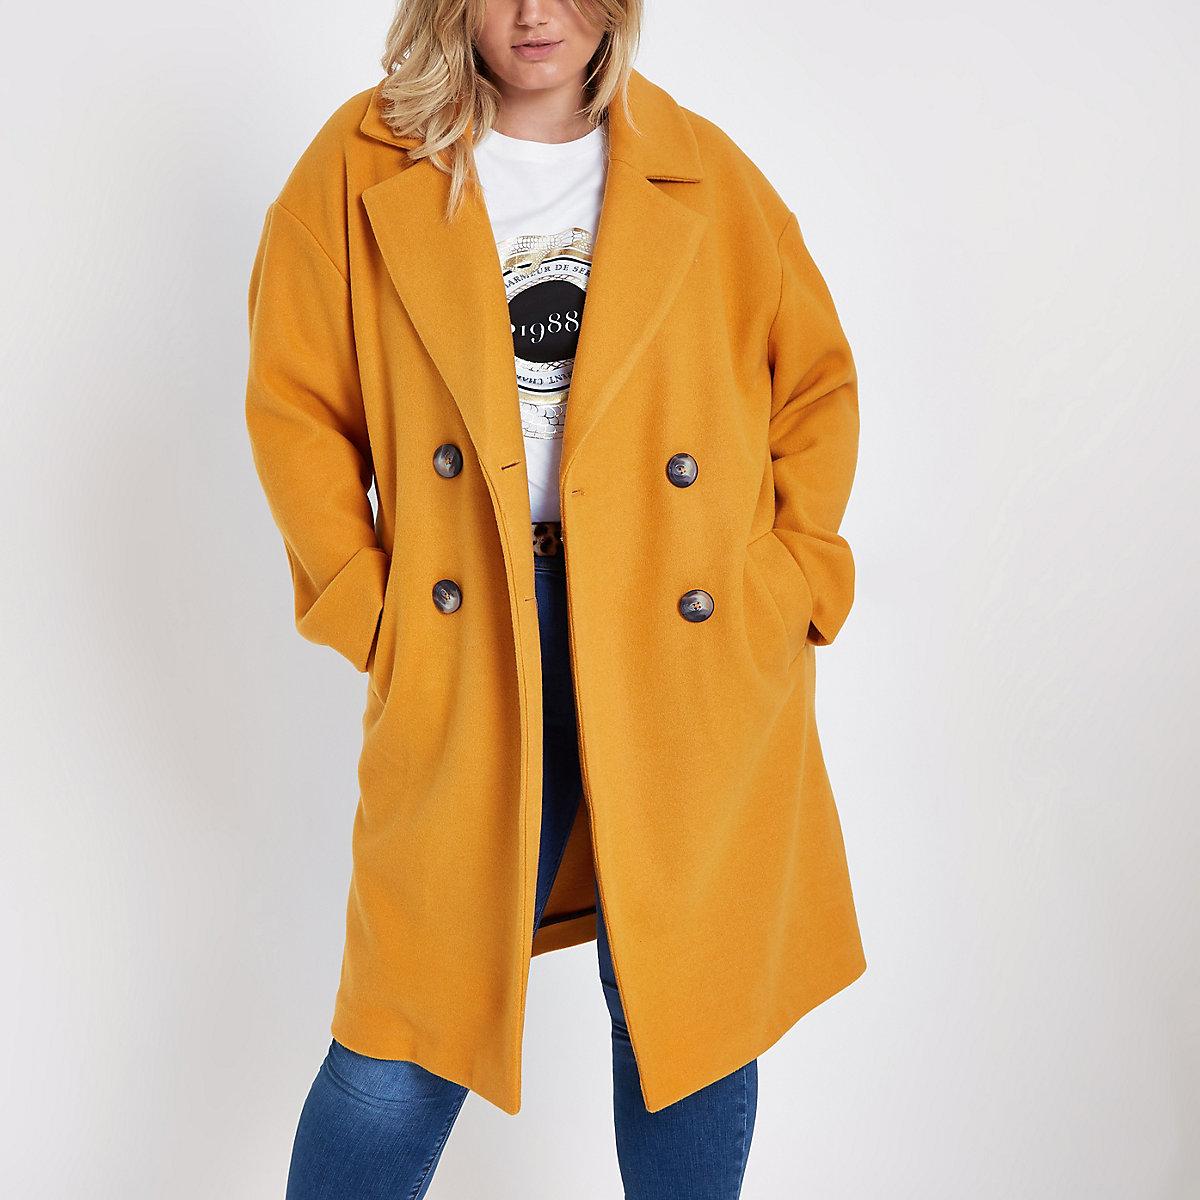 Manteaux Jaune Long Vestes Croisé Plus Manteau Femme – amp; nFqpXg